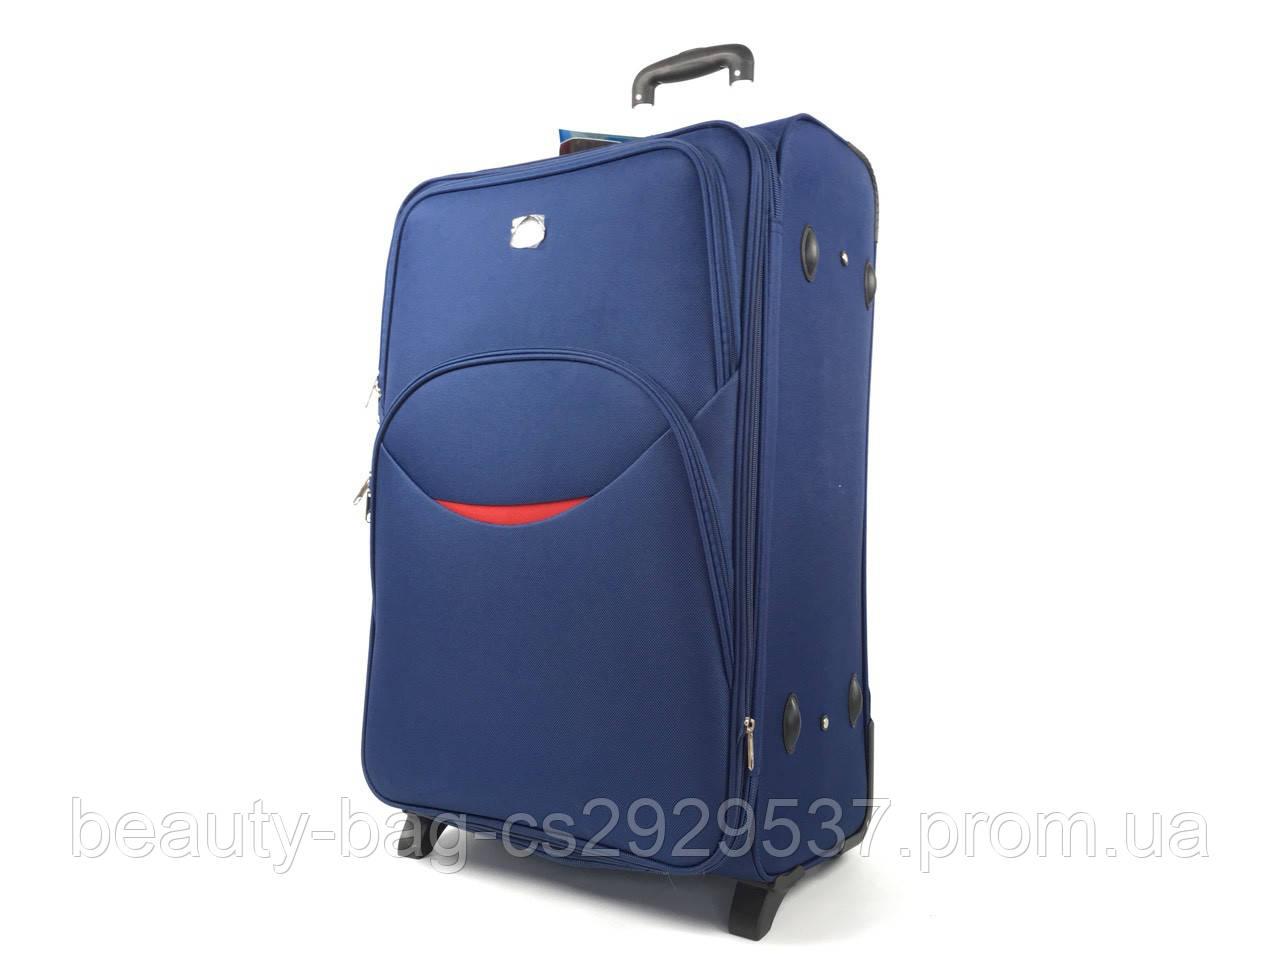 Чемодан тканевый большого размера 2 колеса улыбка Maxi синий